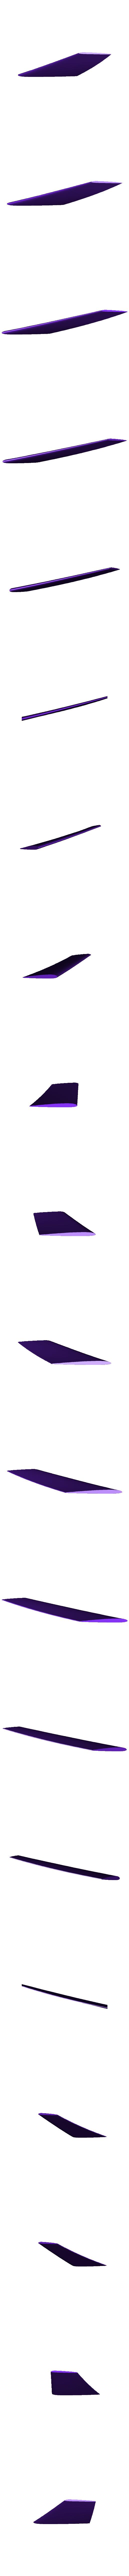 wingL3.STL Télécharger fichier STL gratuit Airbus A350 XWB Lufthansa Airliner Sacle 1/100 • Design pour imprimante 3D, BeneHill